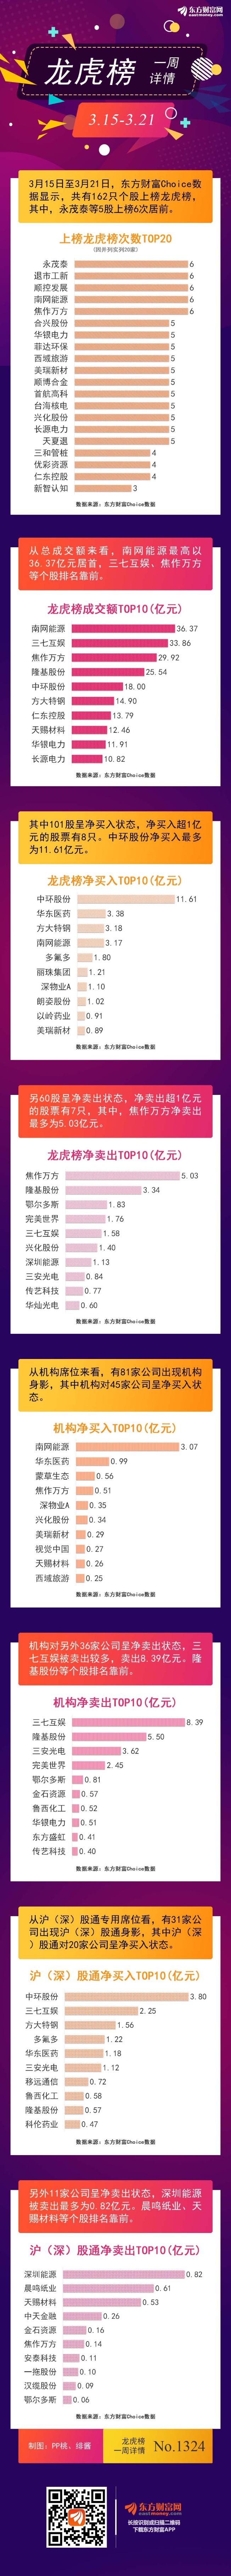 图解龙虎榜:机构抢筹净买45股 5股上榜6次居前